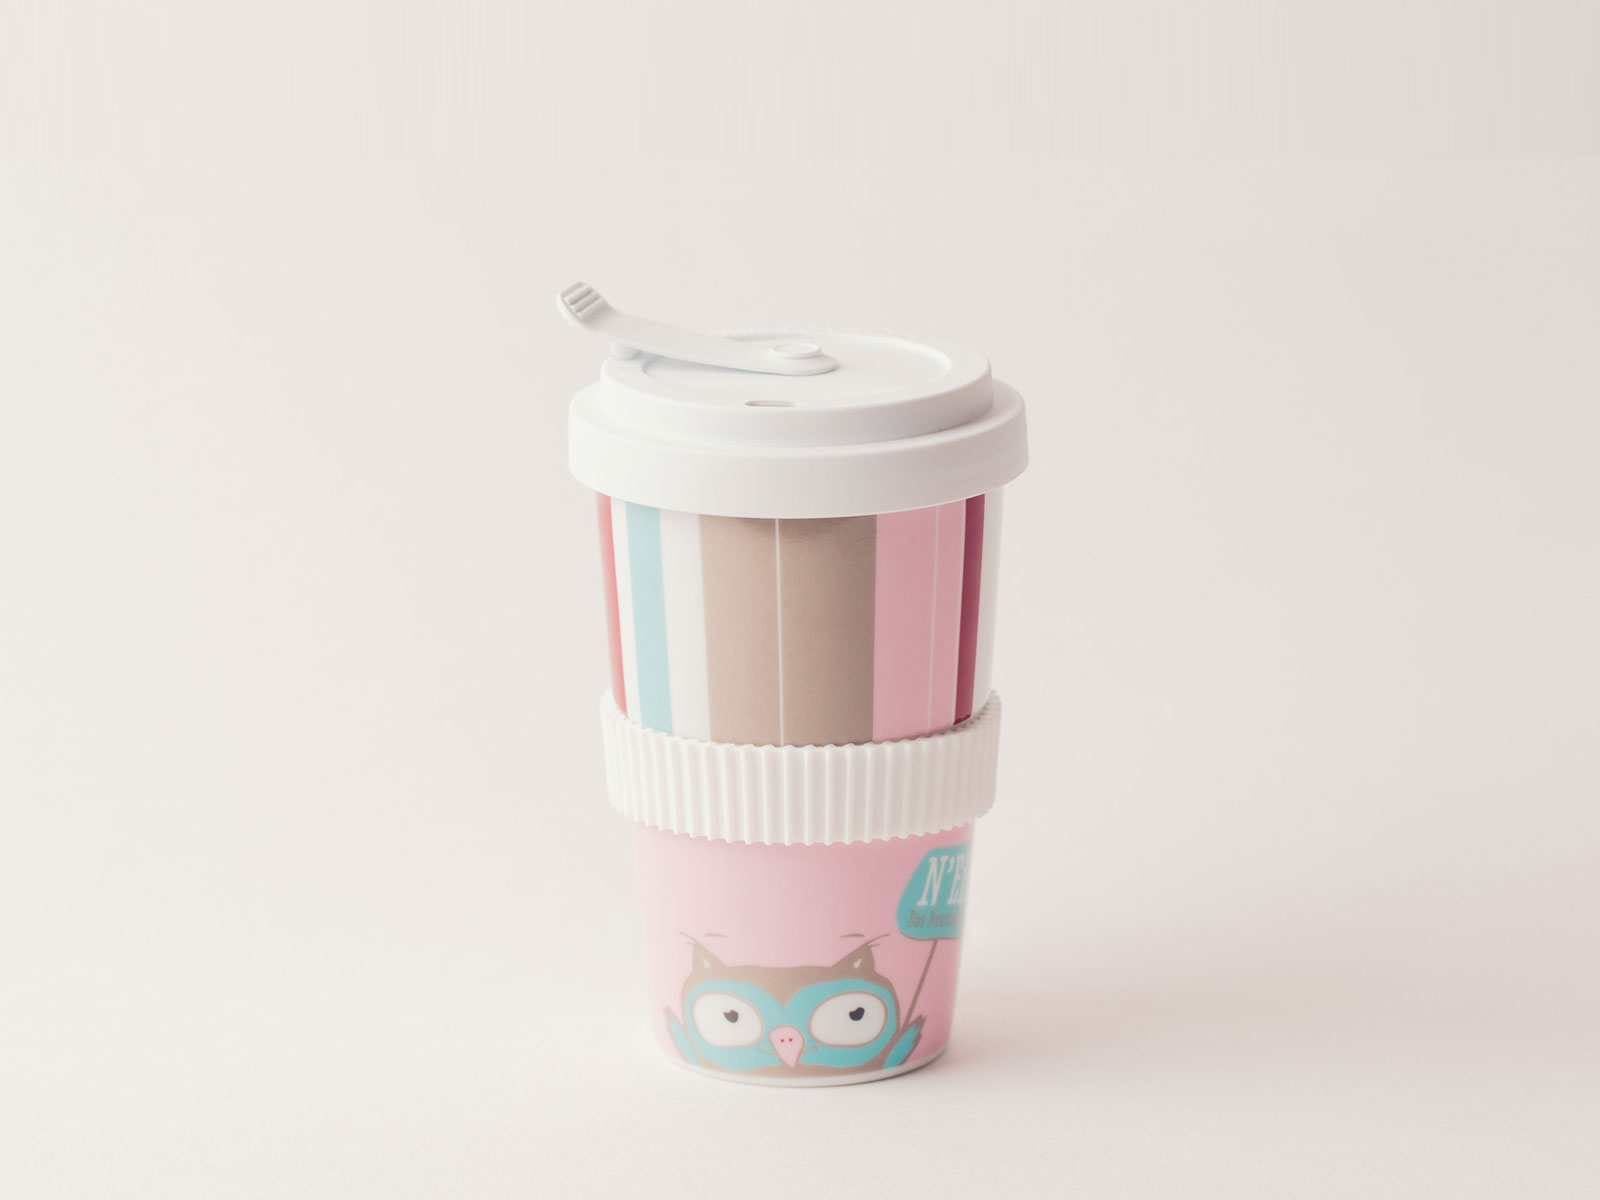 Porzellanbecher - Ein Produkt aus dem Webshop von N'Eis - Das Neustadteis